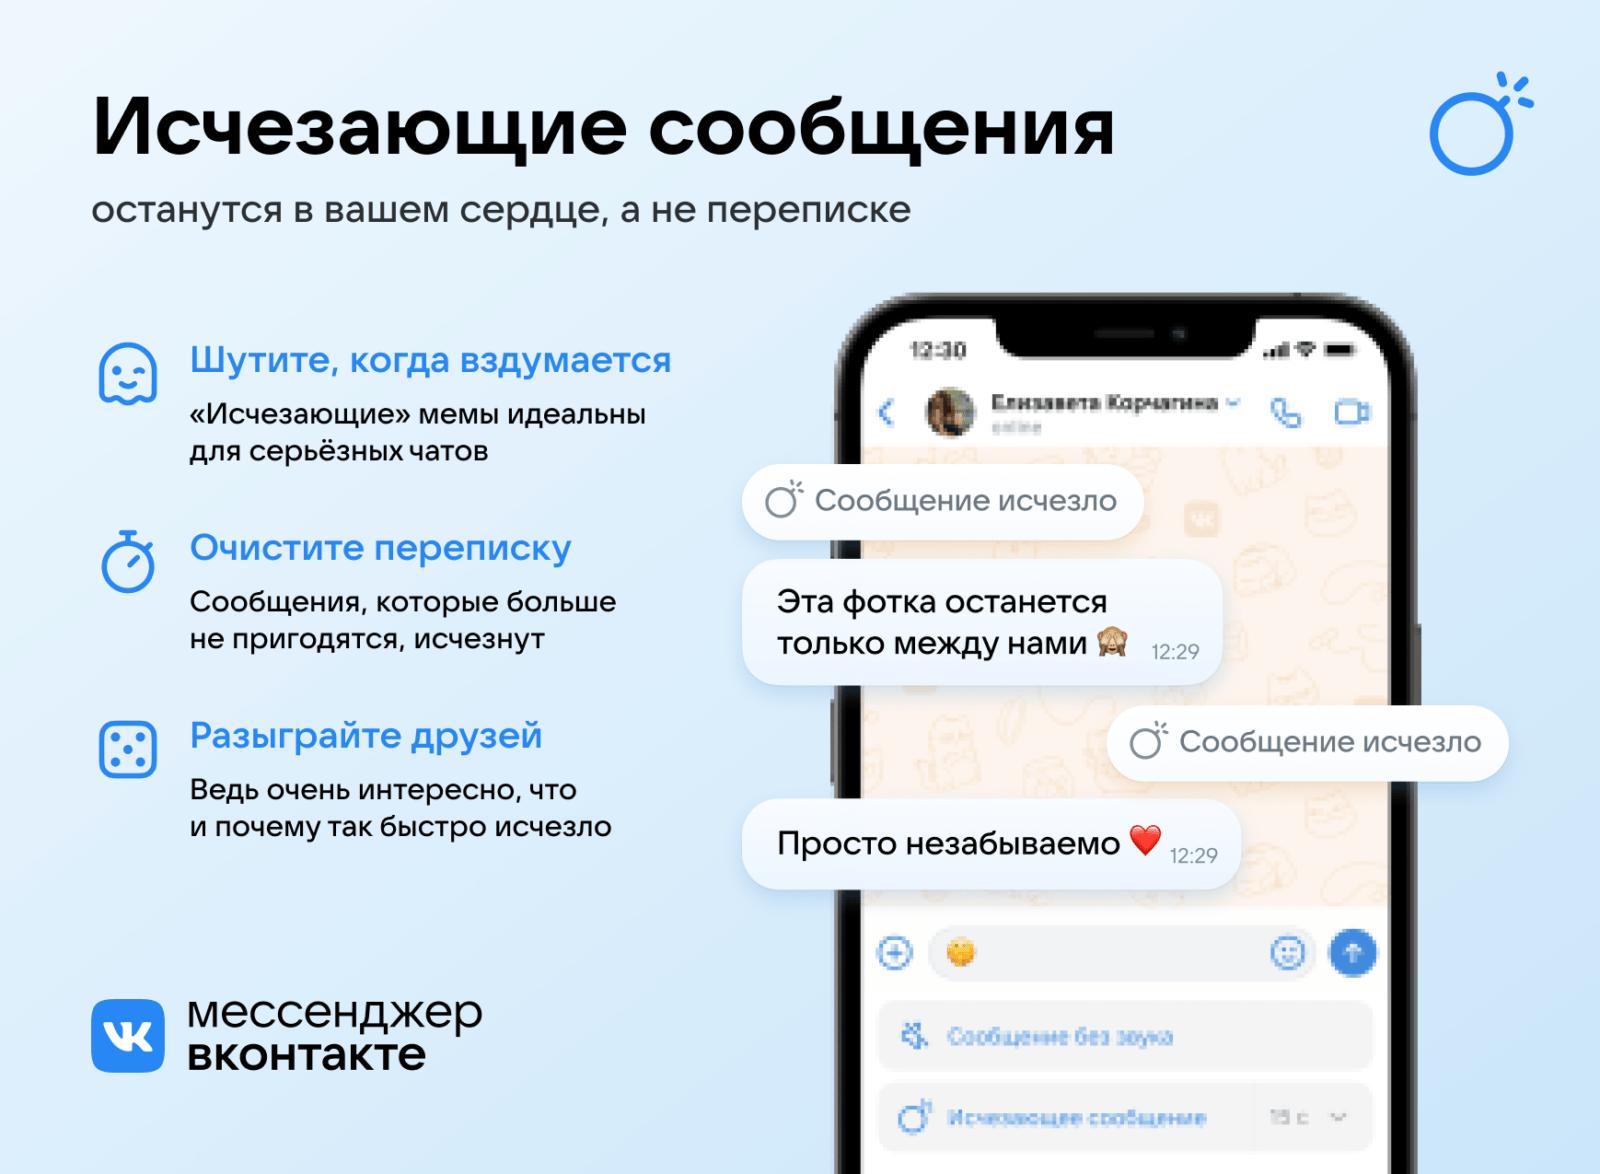 ВКонтакте теперь, как и в Telegram, есть исчезающие и тихие сообщения (vk messenger)